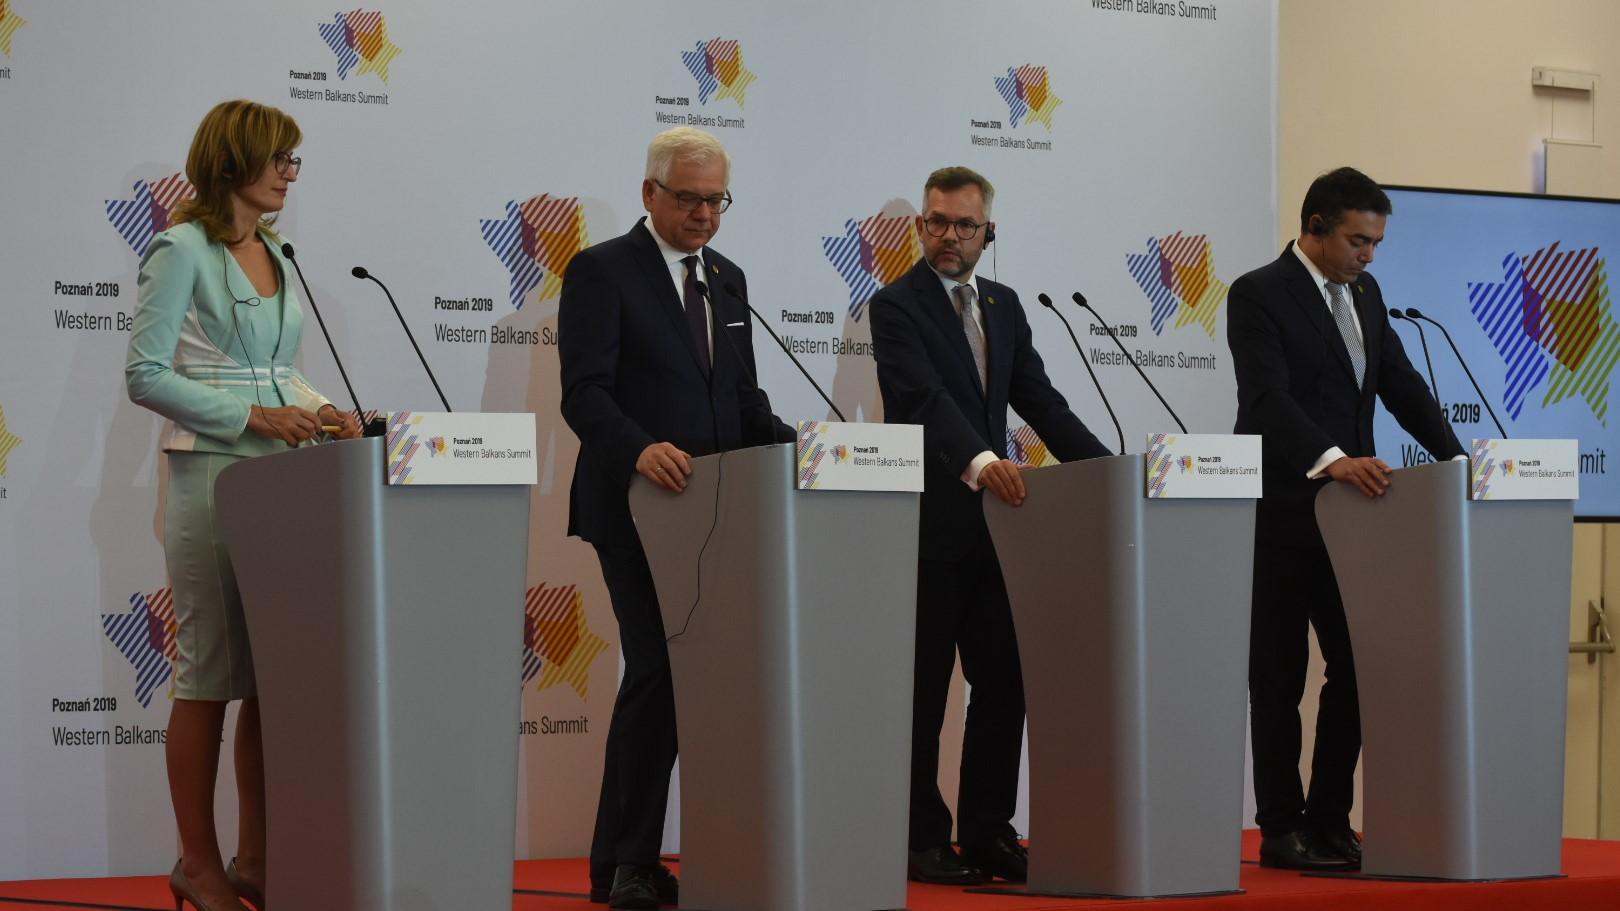 szczyt bałkański dzień drugi konferencja gospodarcza - Wojtek Wardejn